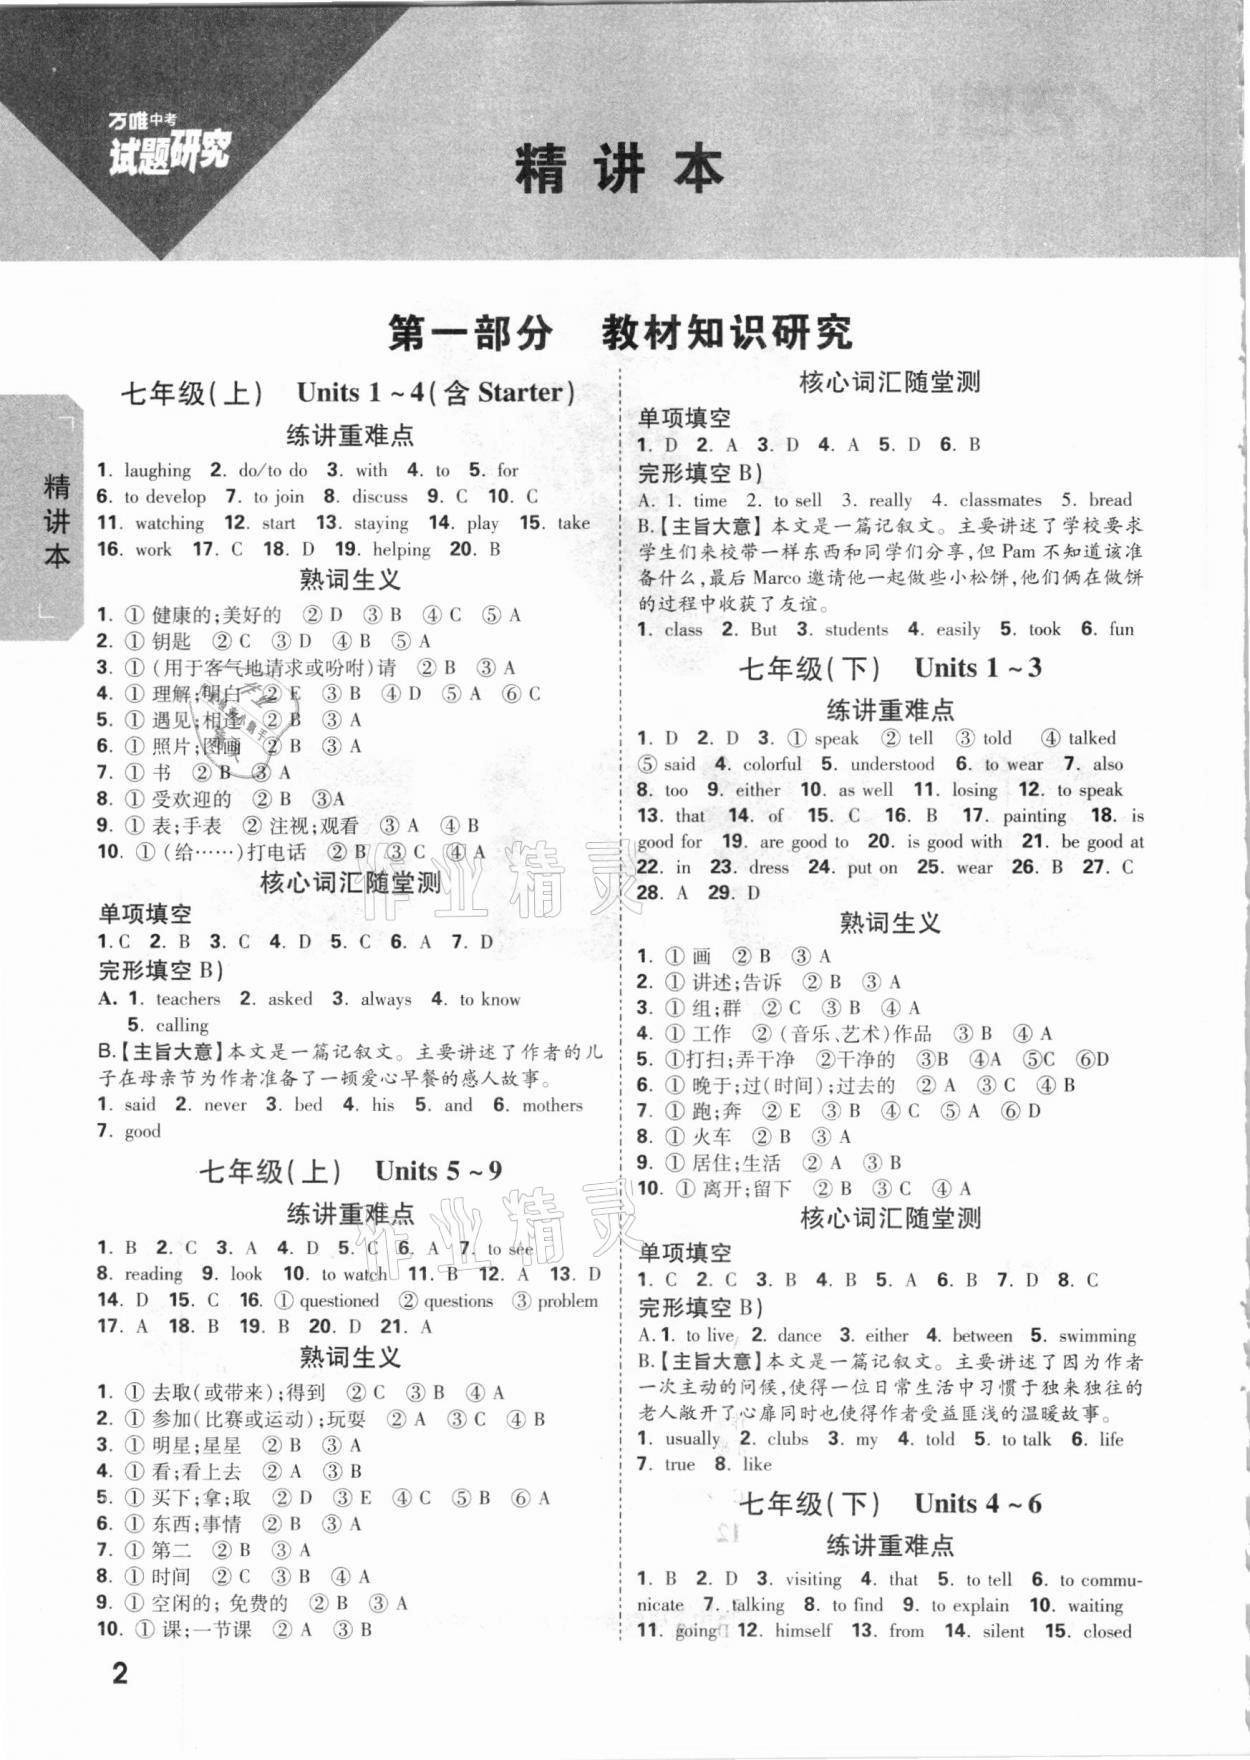 2021年万唯中考试题研究英语江西专版参考答案第1页